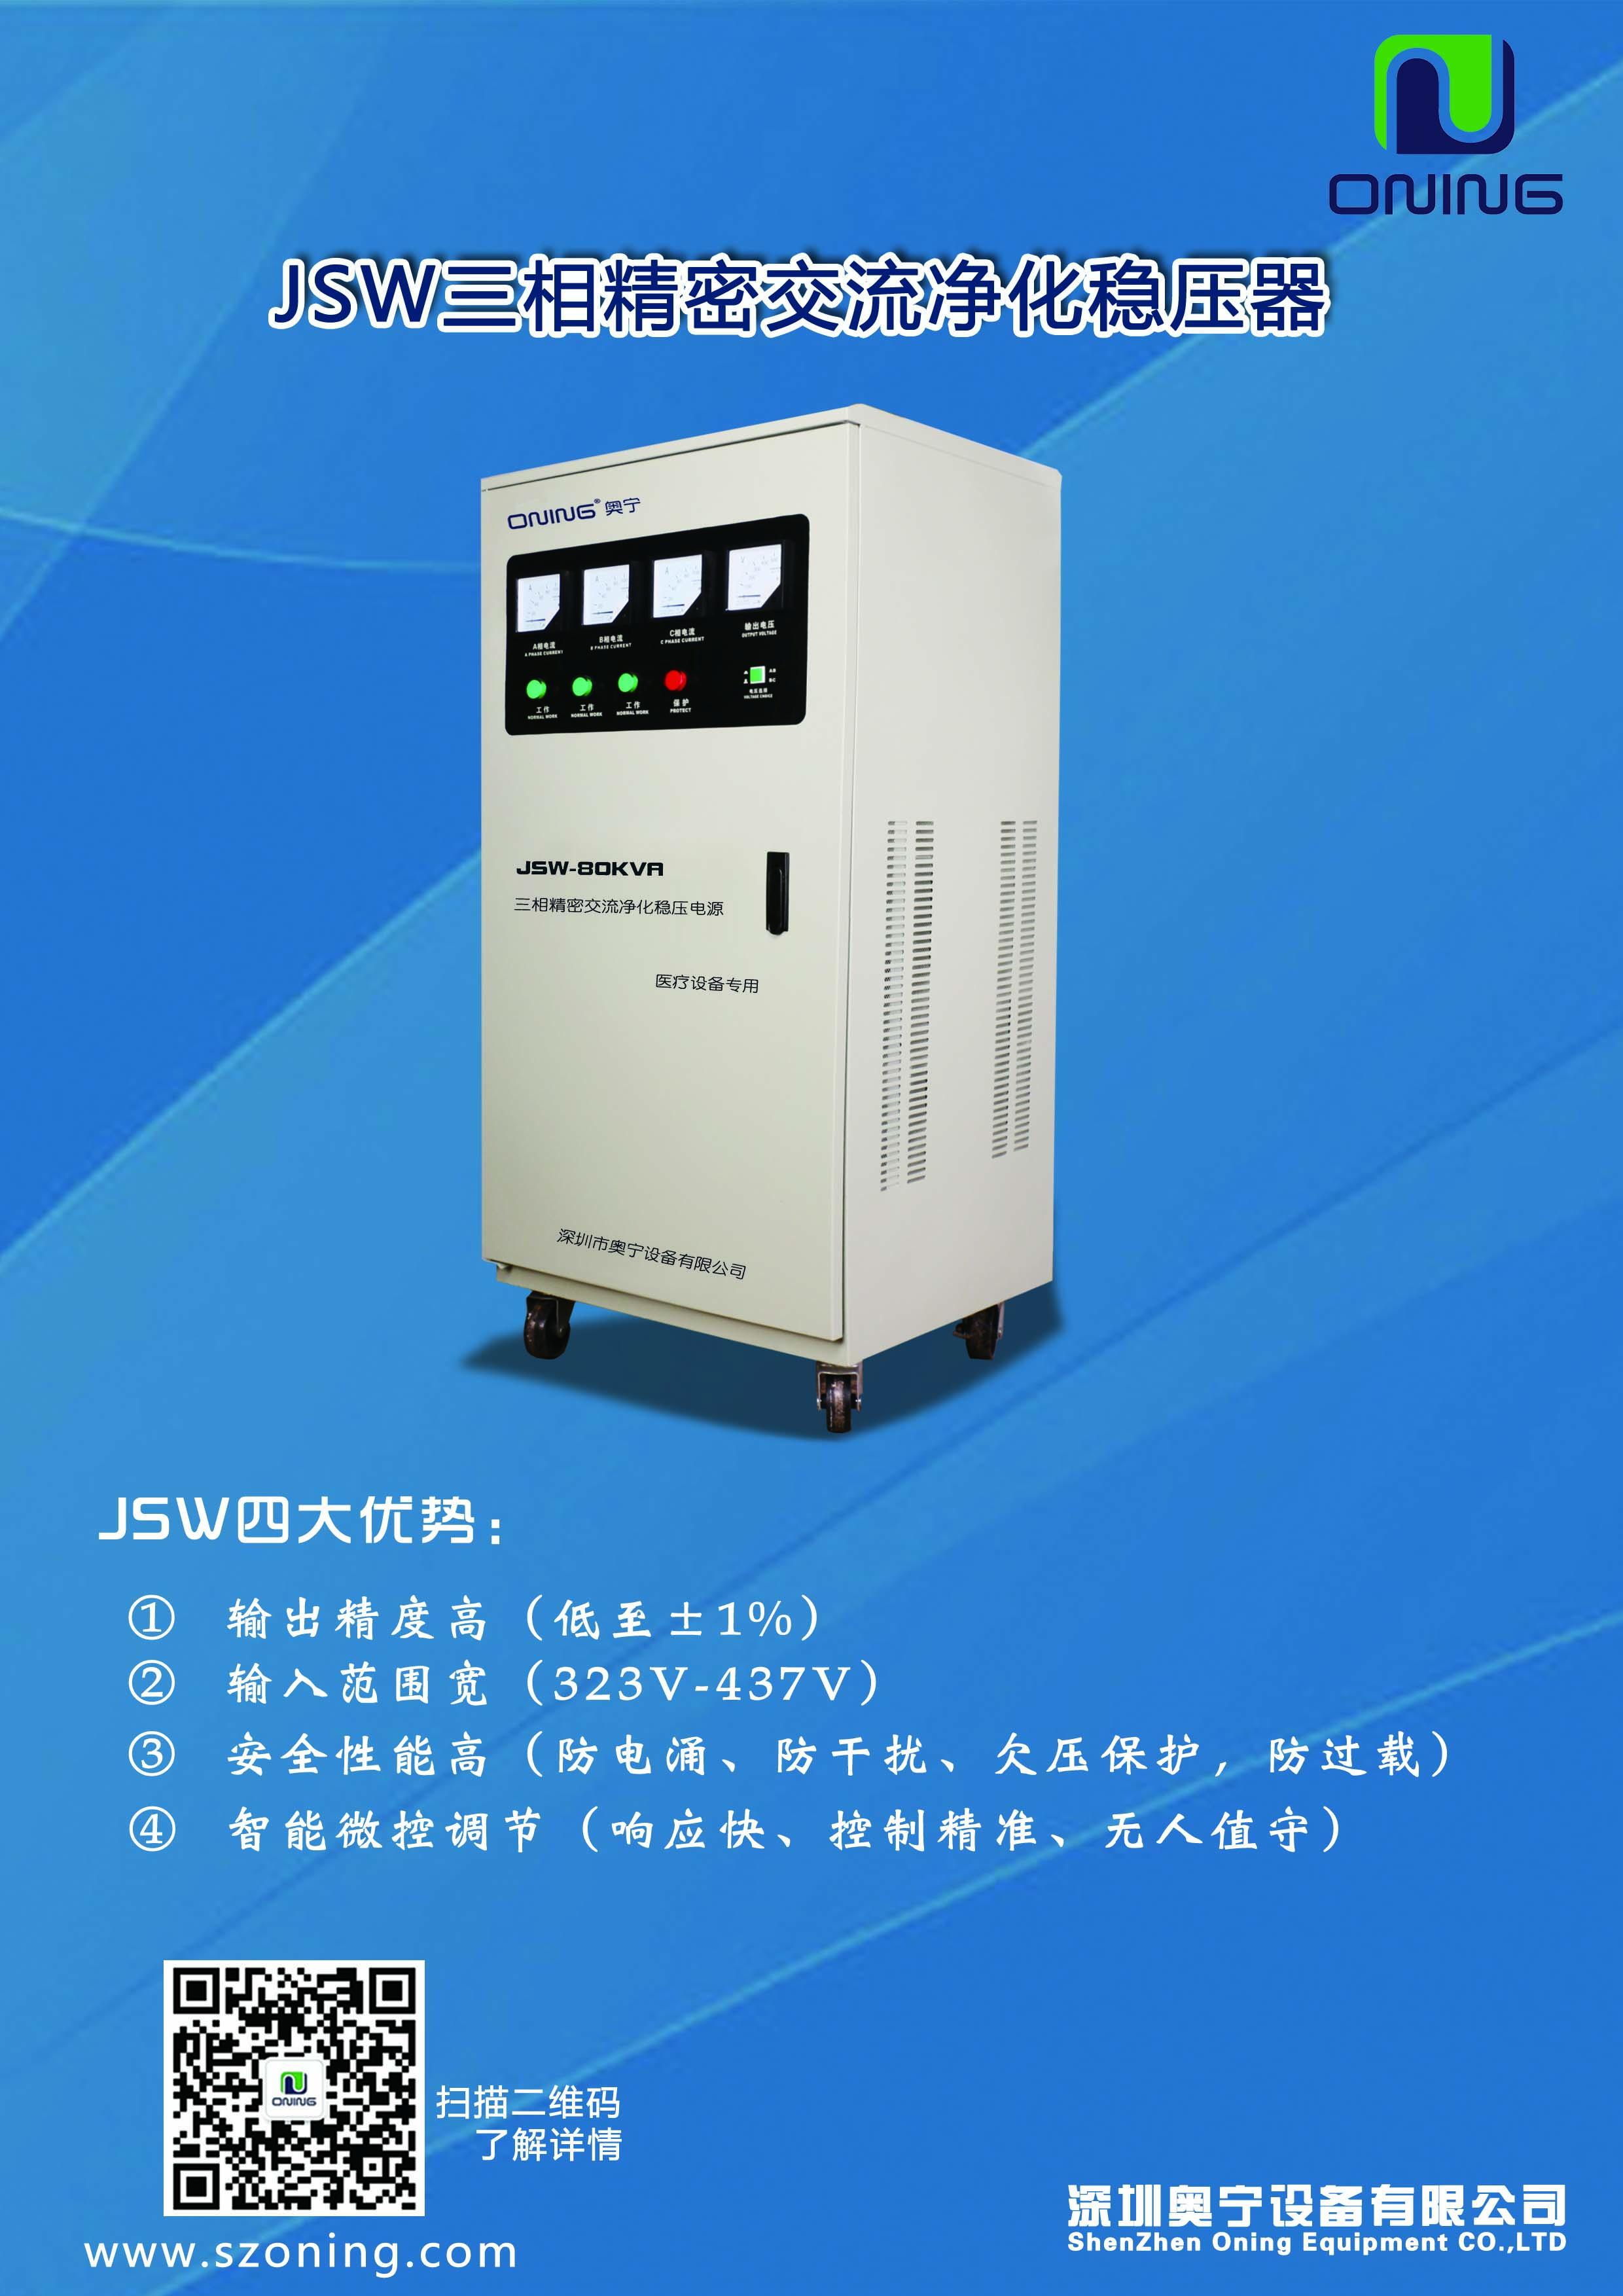 JSW三相精密凈化穩壓電源